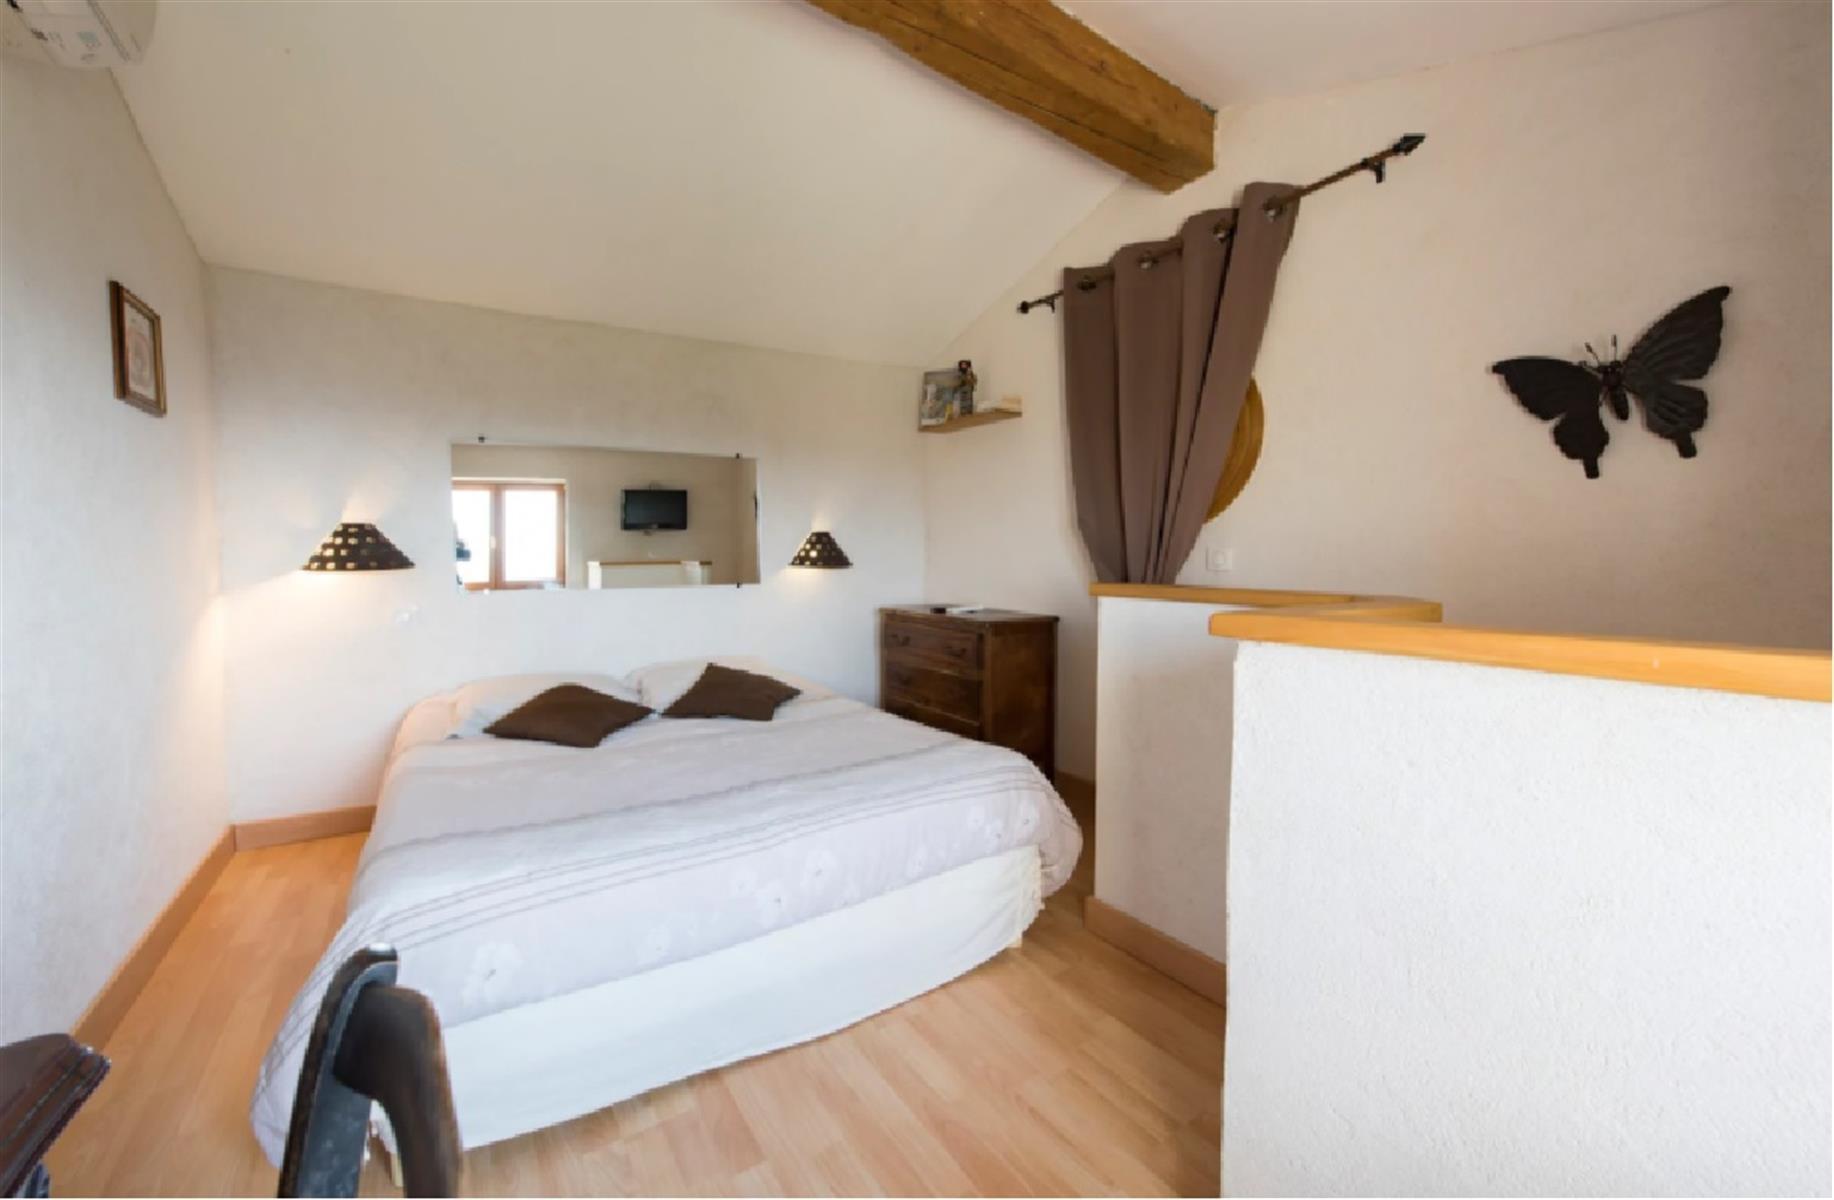 Maison de vacances - St-Cezaire-sur-Siagne      (Tour) - #4309620-1